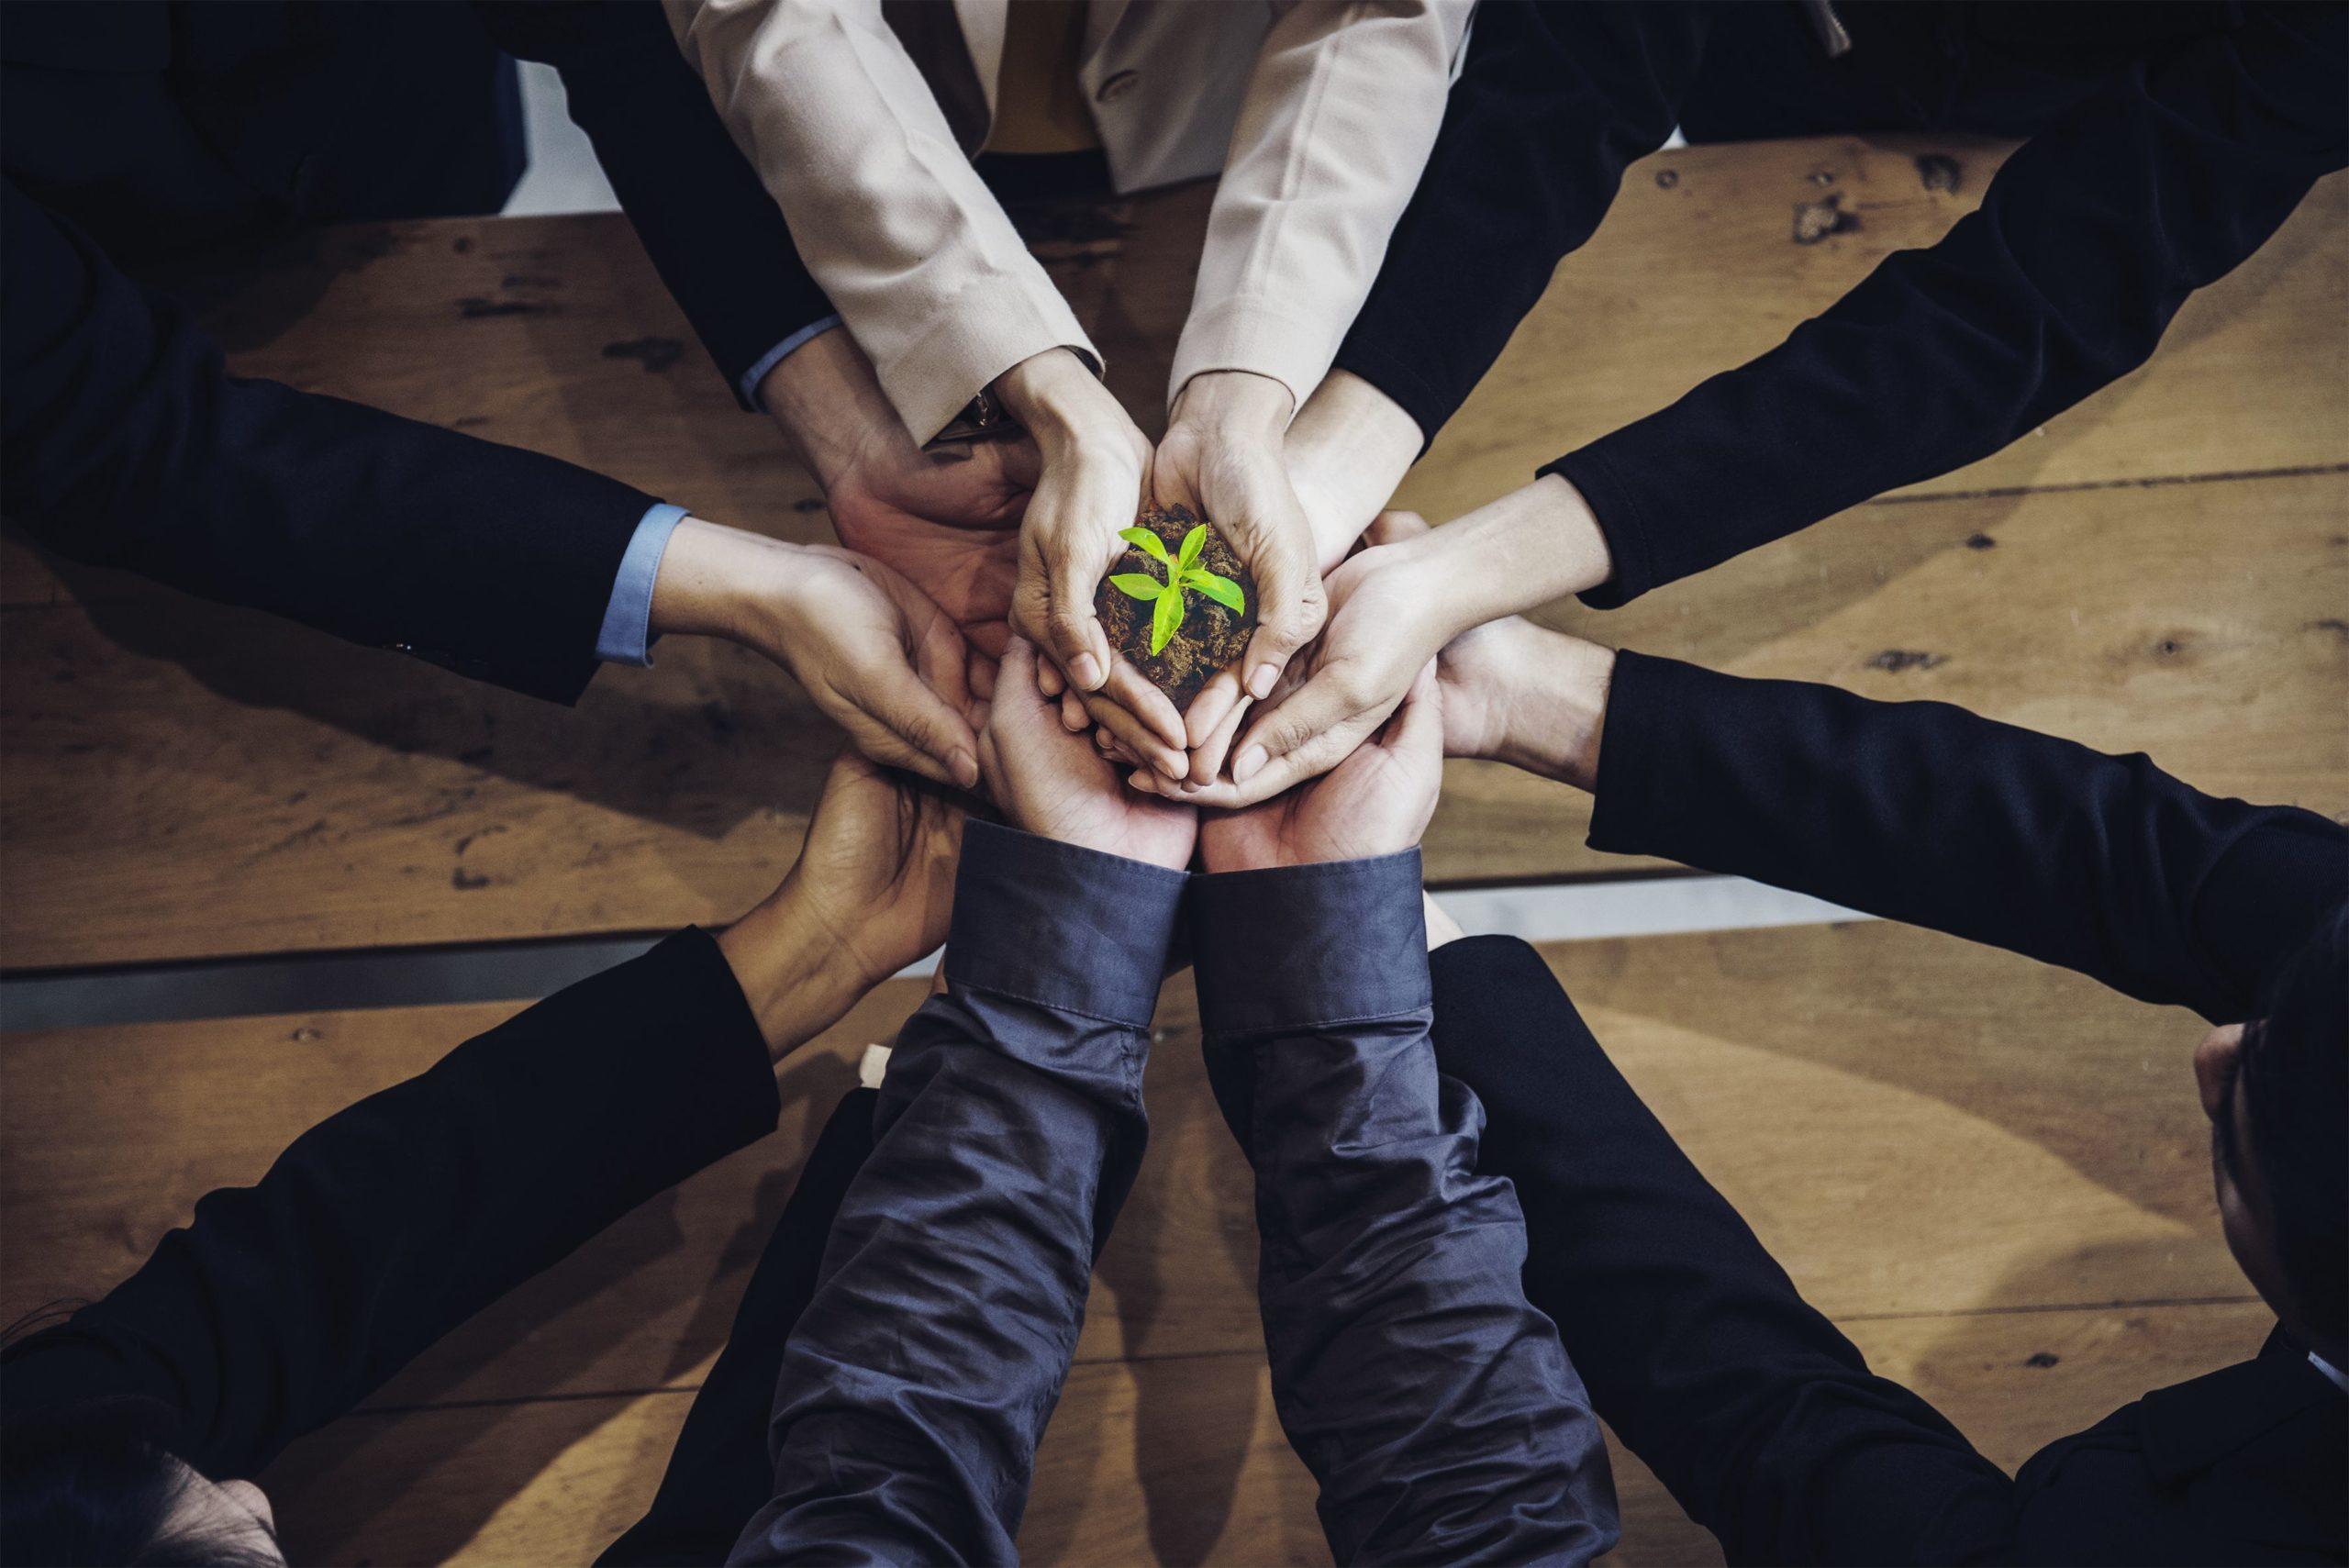 Viele Hände halten eine Pflanze und symbolisieren damit nachhaltiges Handeln